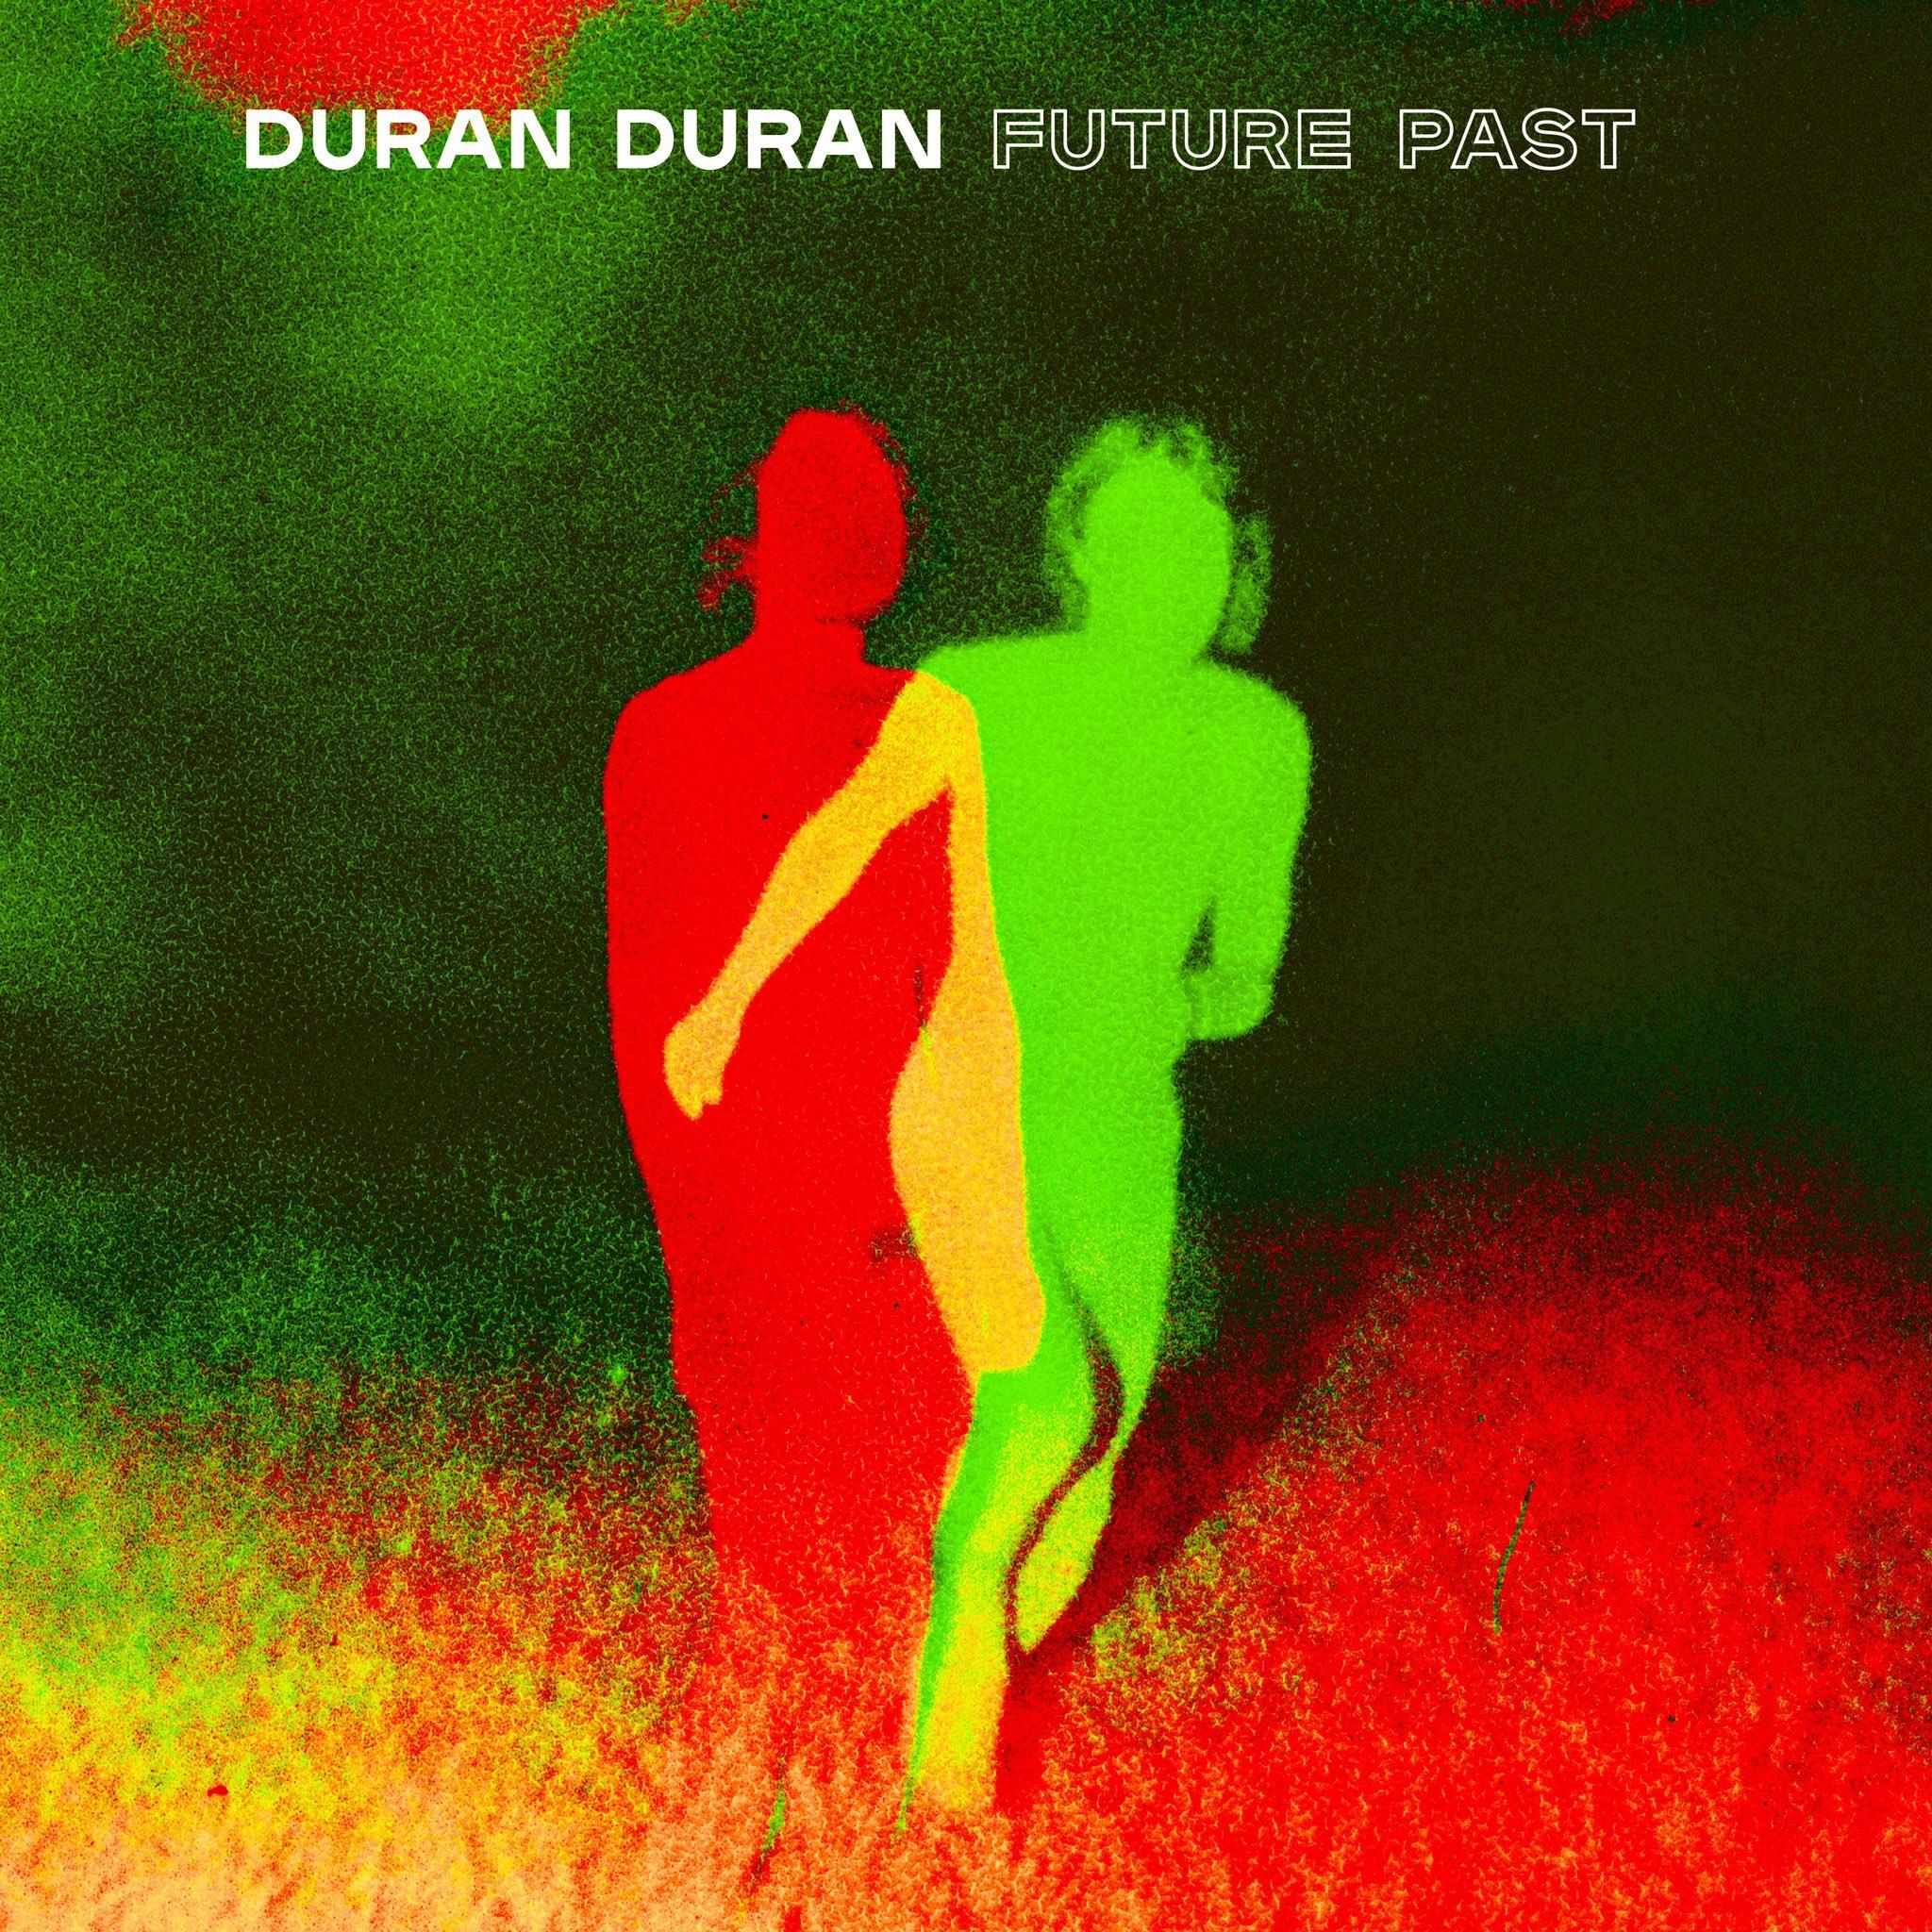 Duran Duran - Future Past album cover